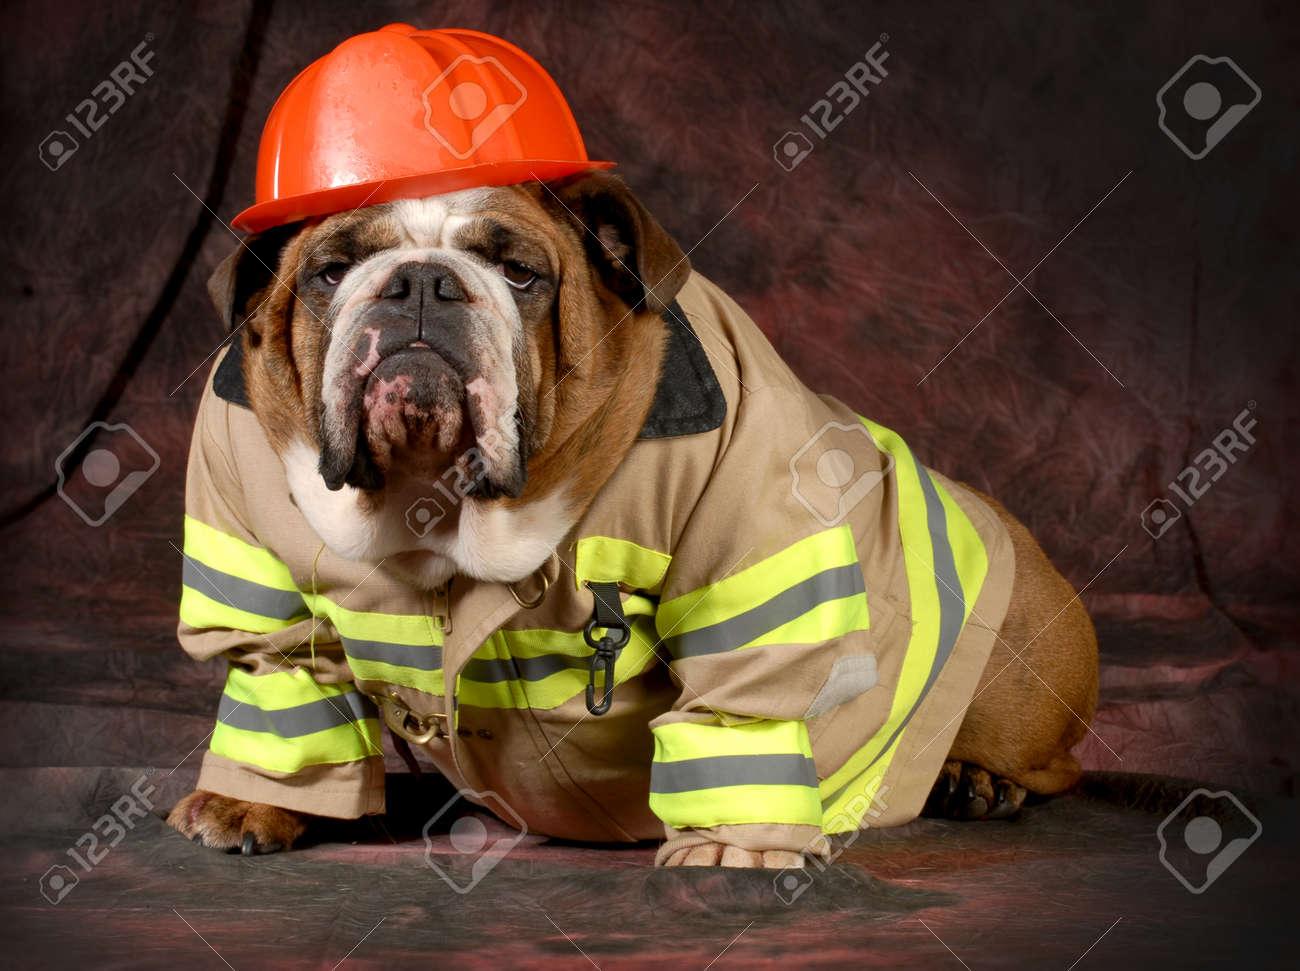 Feuerwehrhaus Hund Englisch Bulldogge Tragen Feuerwehrmann Kostüm